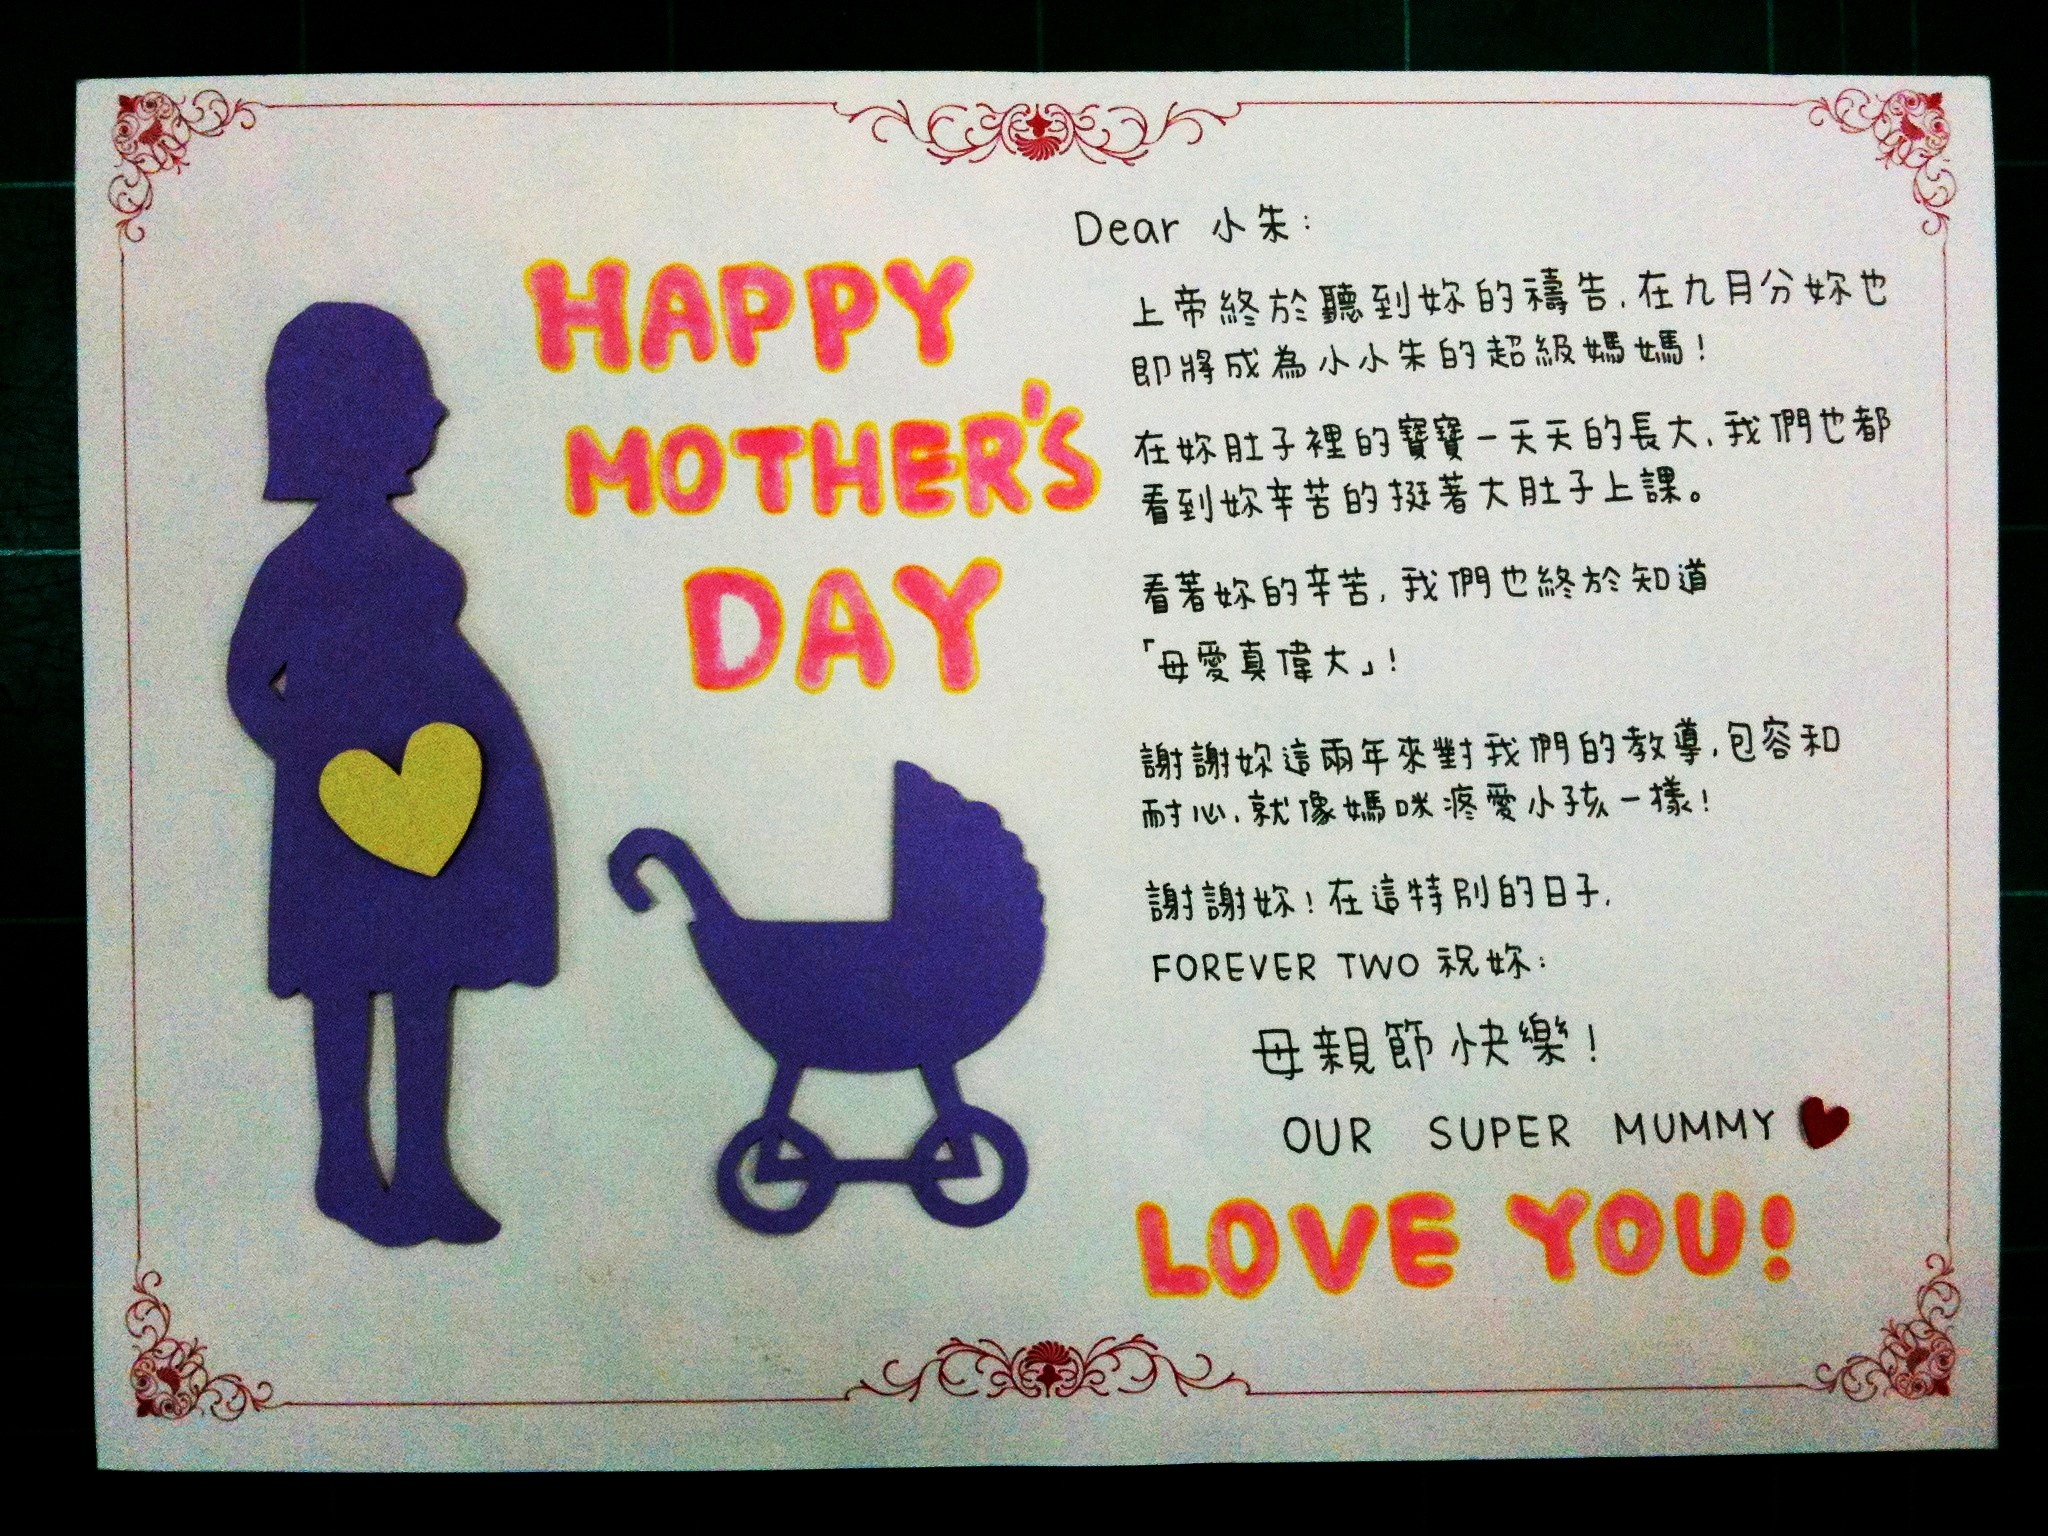 英文母親節卡片內容|英文|內容- 英文母親節卡片內容|英文|內容 - 快熱資訊 - 走進時代